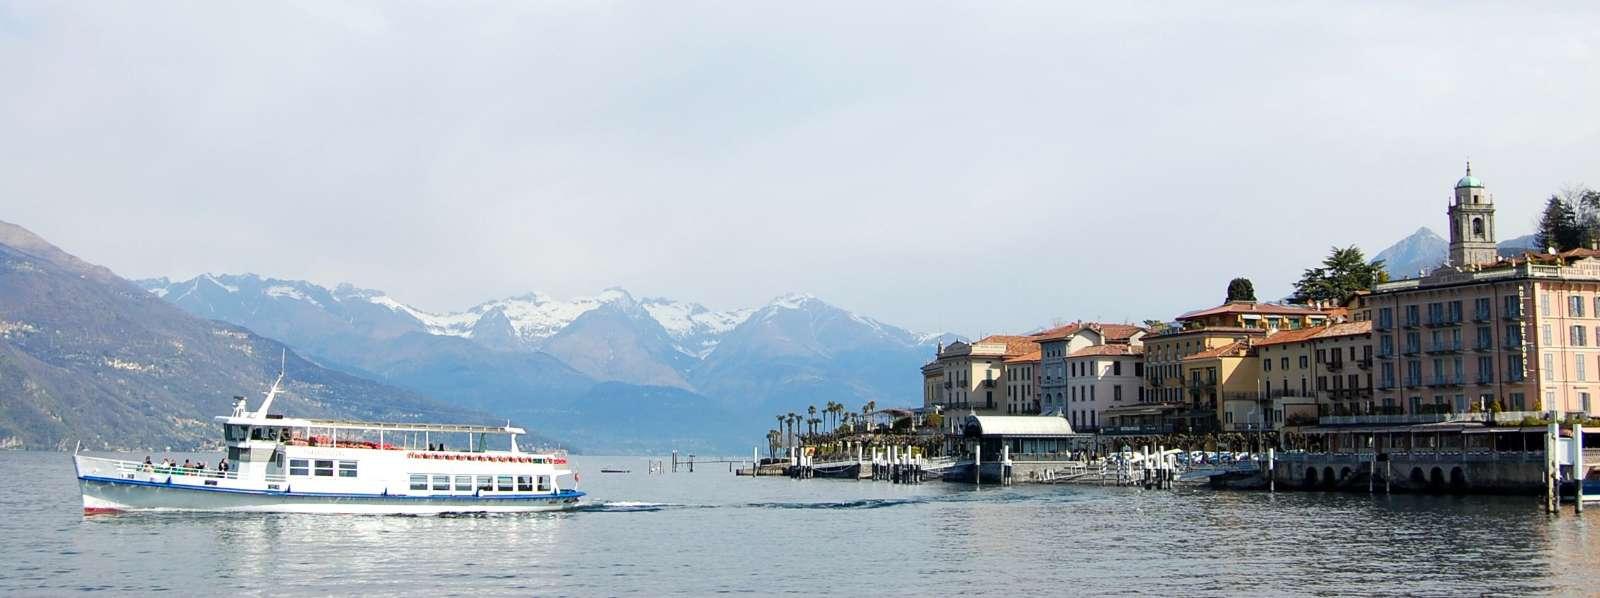 Le ferry crée une atmosphère particulière sur le lac